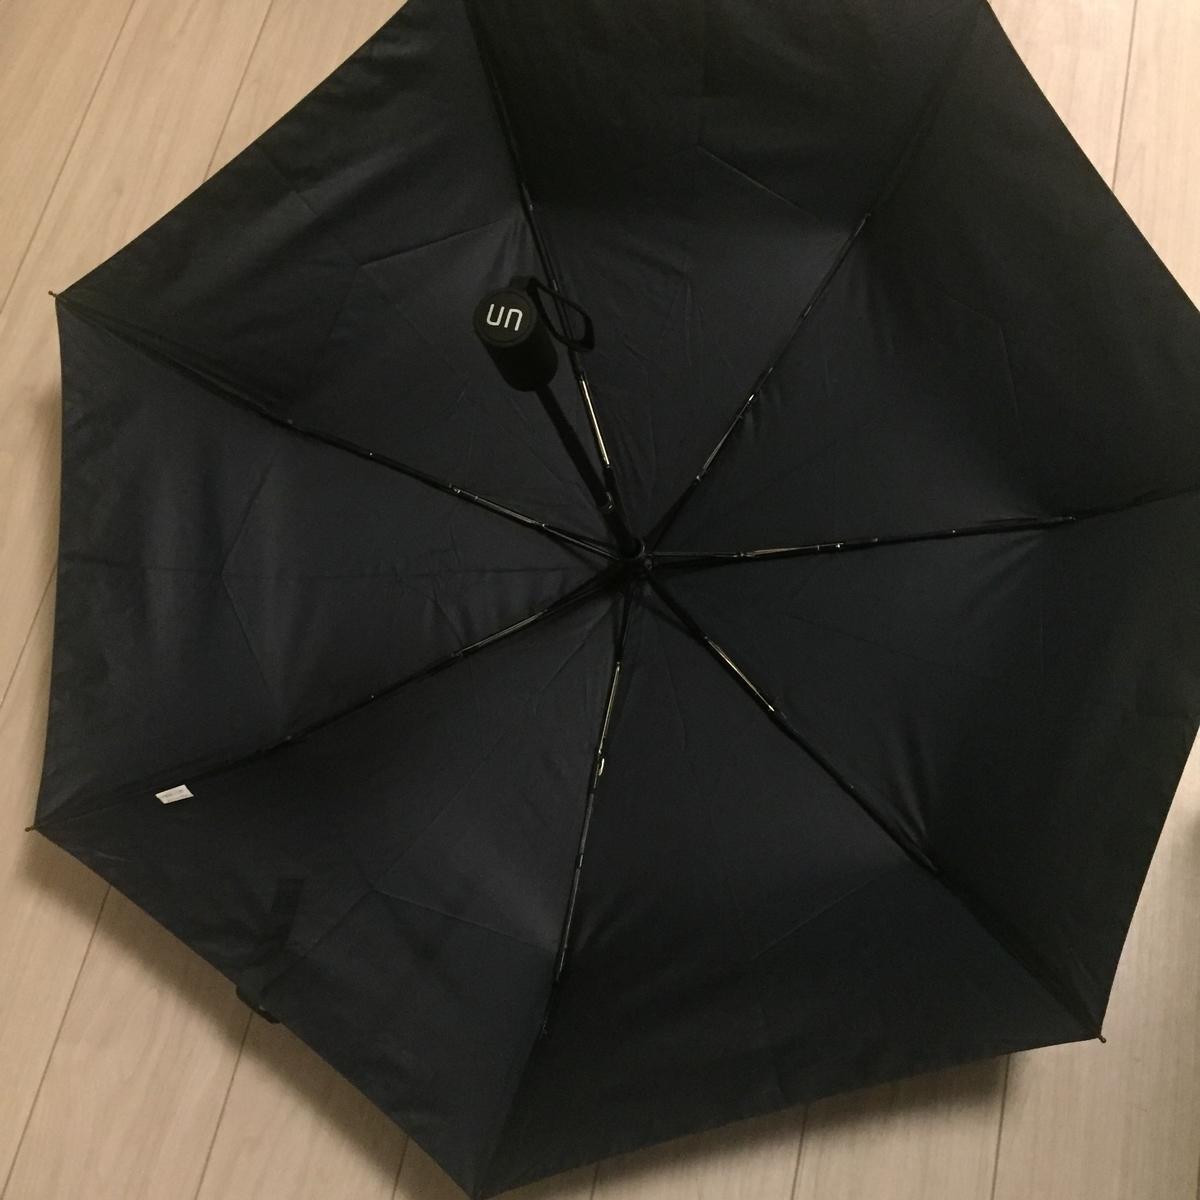 アンヌレラ アンヌレラビス 傘 長傘 折りたたみ傘 折り畳み傘 ワールドパーティー w.p.c 濡れない 濡らさない 撥水力 レイングッズ